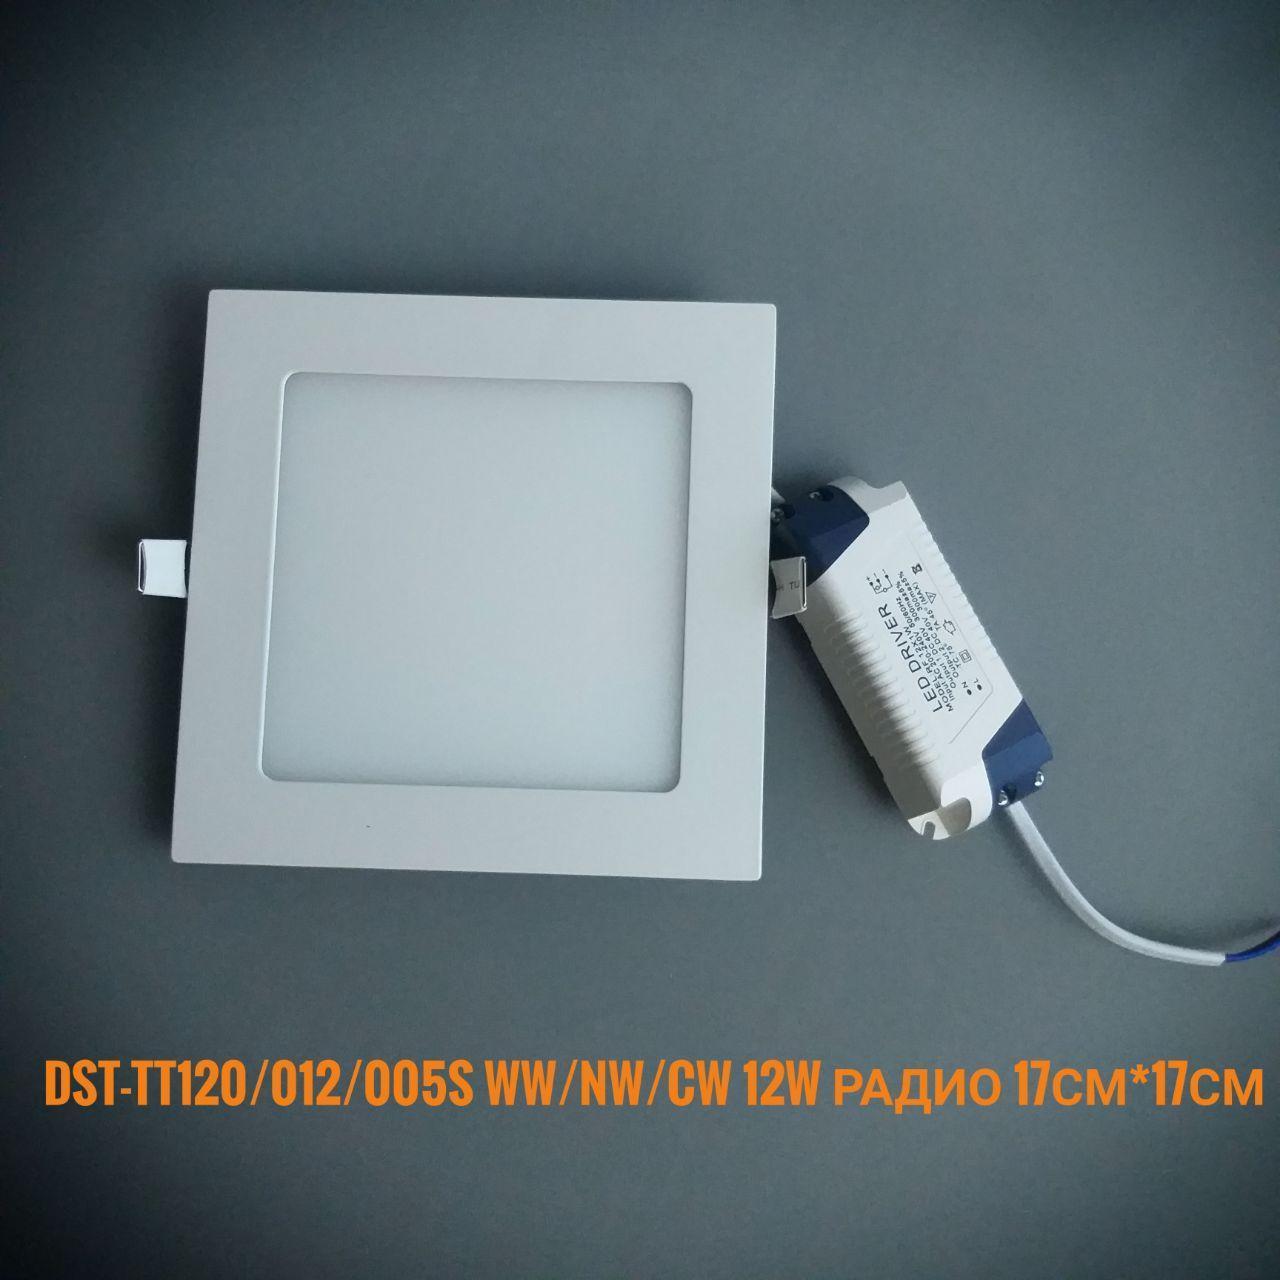 Светодиодная панель квадрат врезной DST-TT120/012/005S WW/NW/CW 12W(радио)